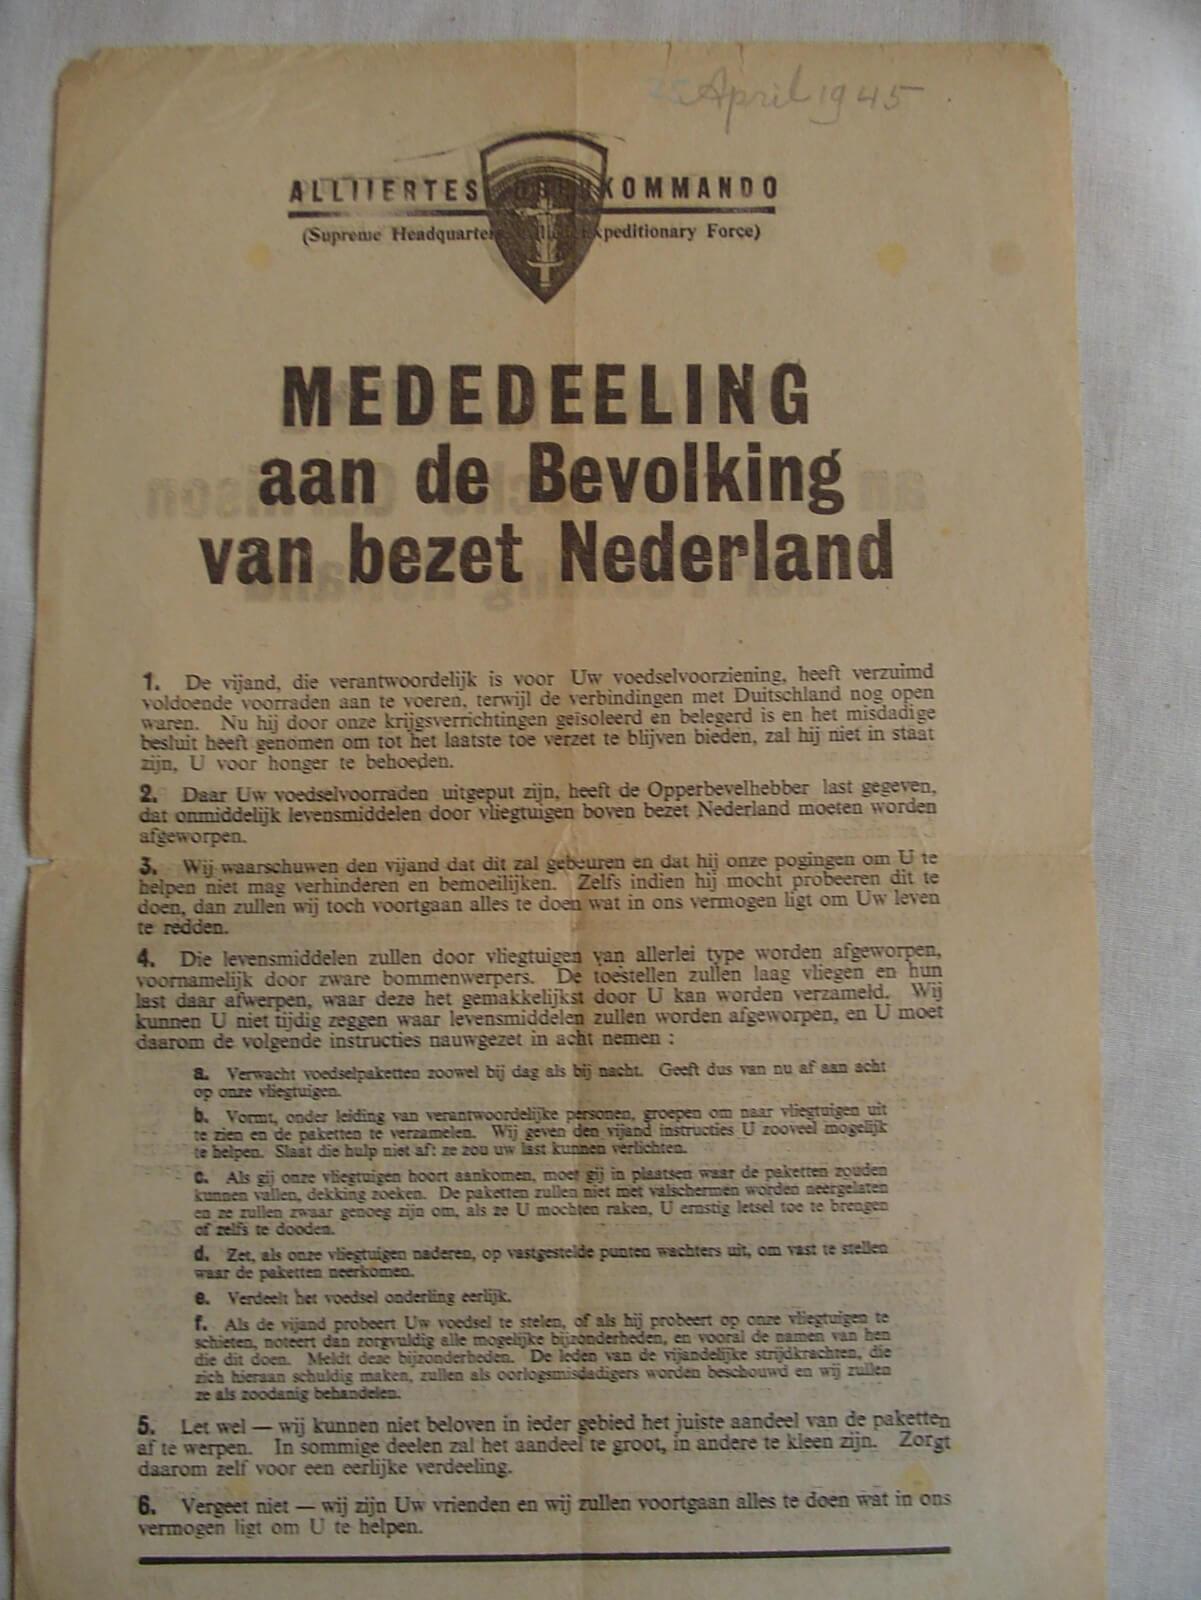 Mededeling aan de bevolking van bezet Nederland 1944 pamflet